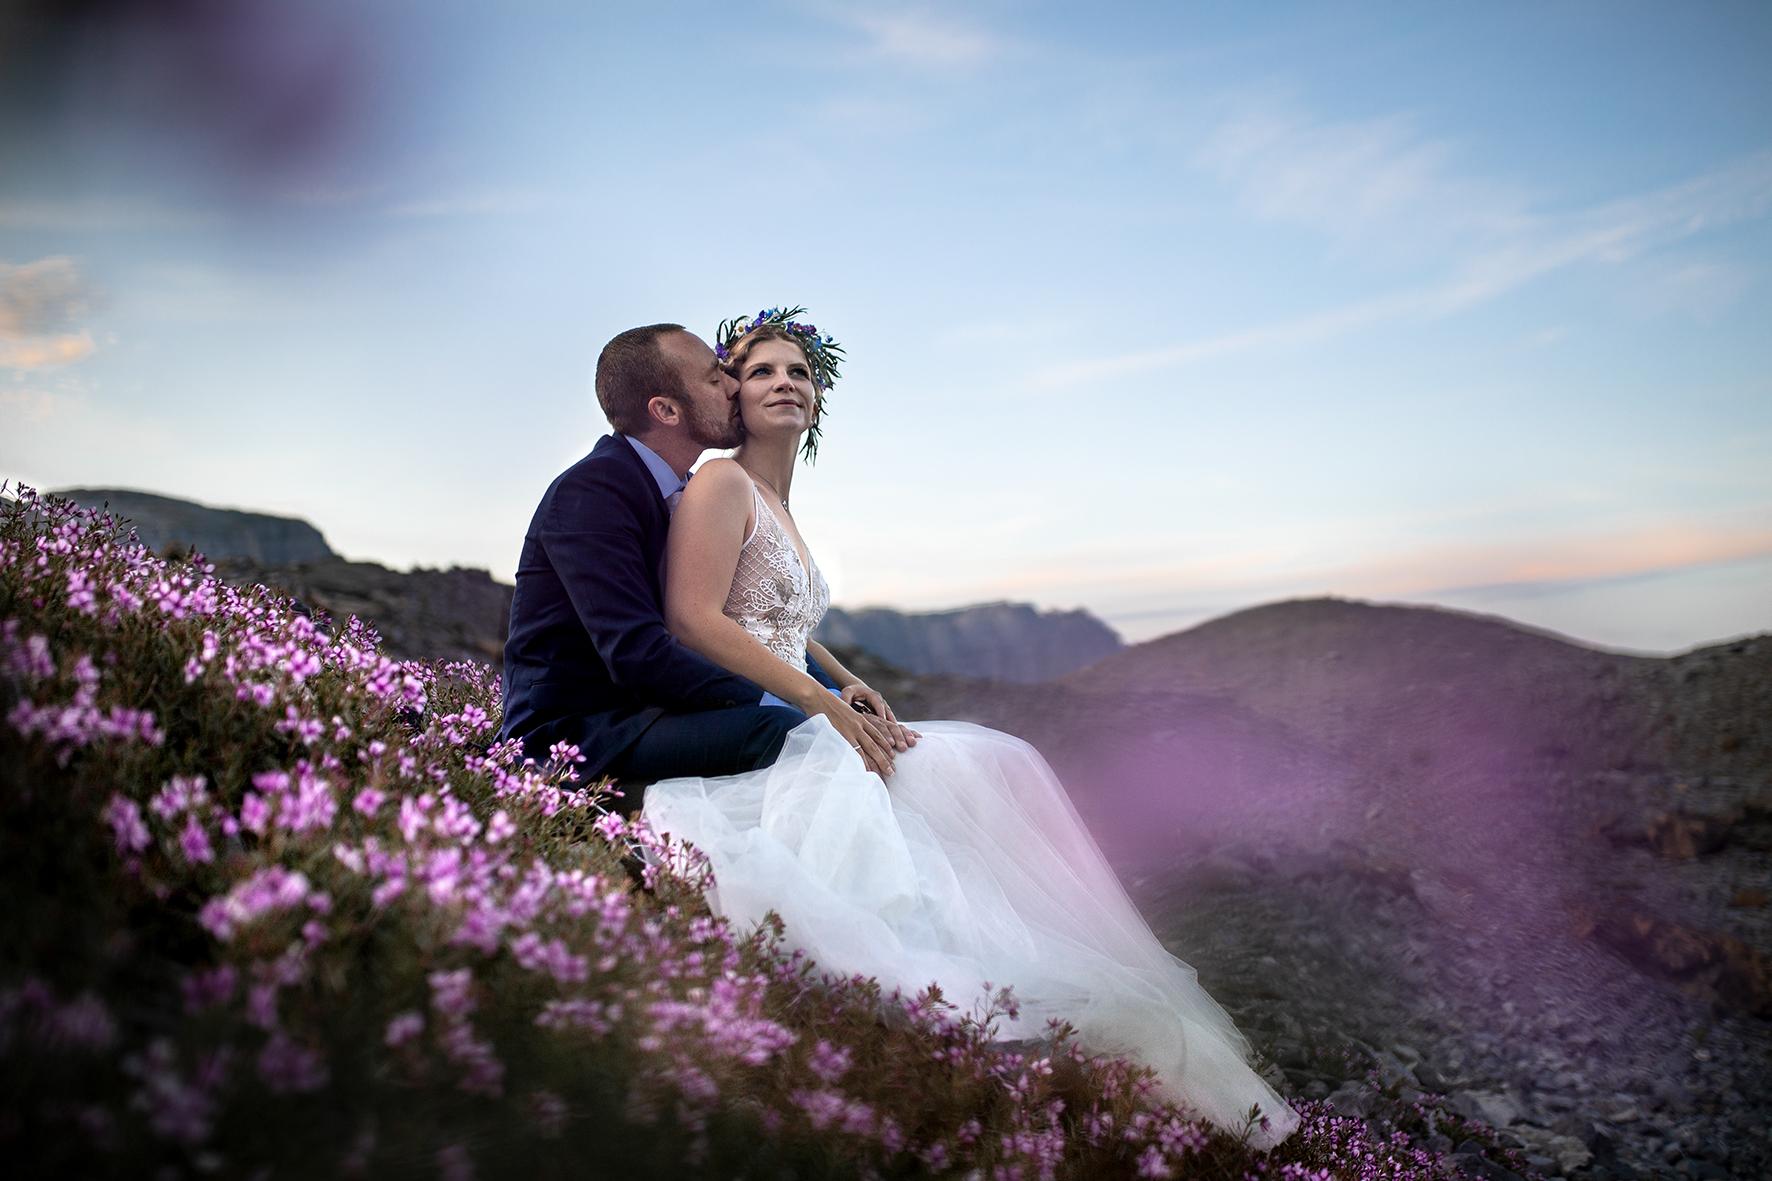 After_Wedding_Shooting_Schweiz_Alpen_01